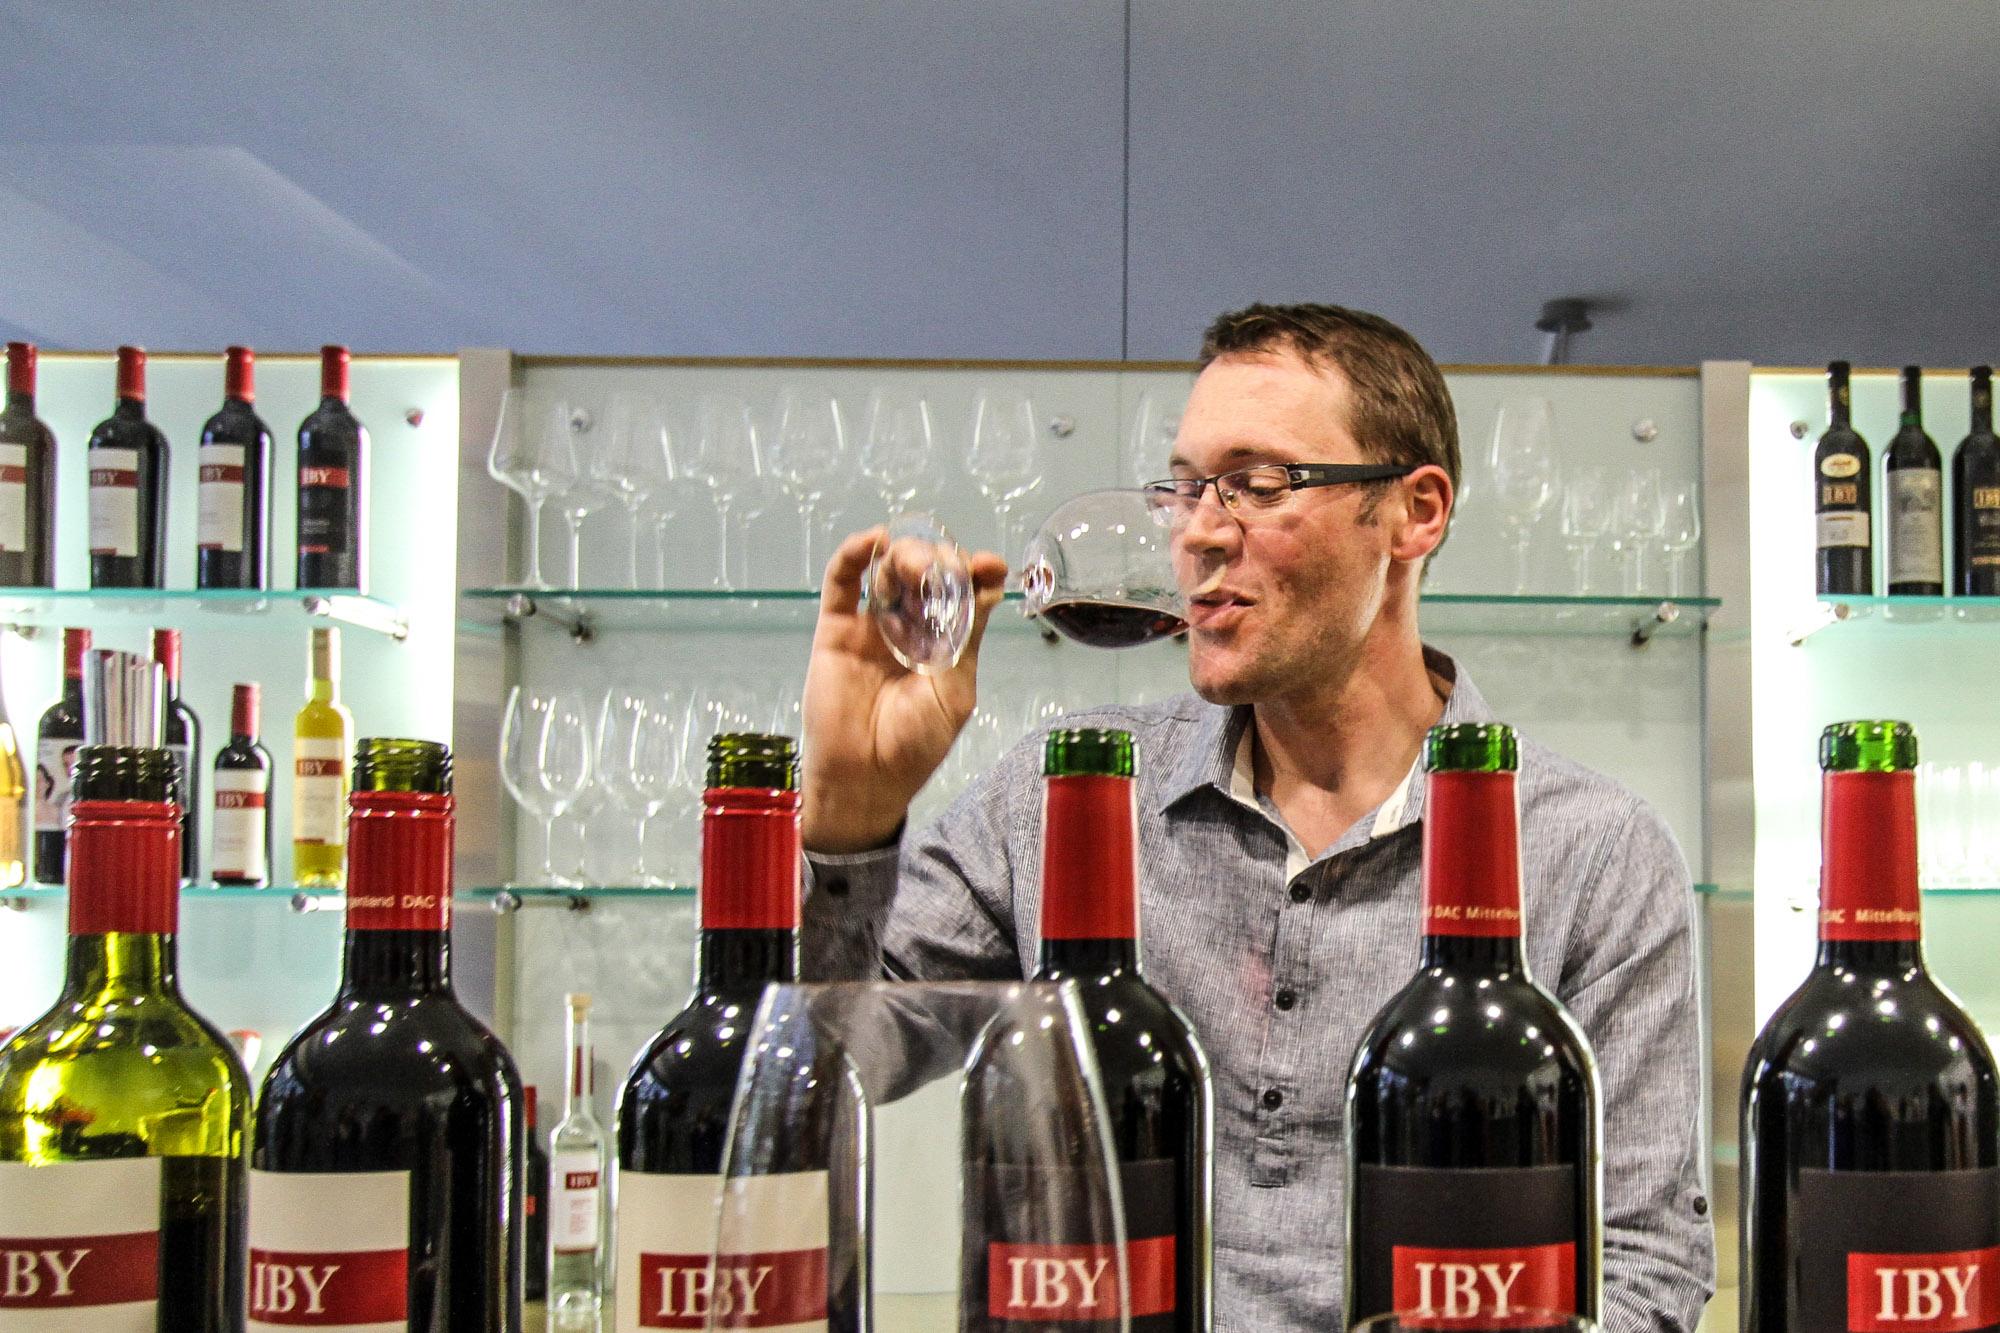 Anton Iby verkostet seine Rotweine